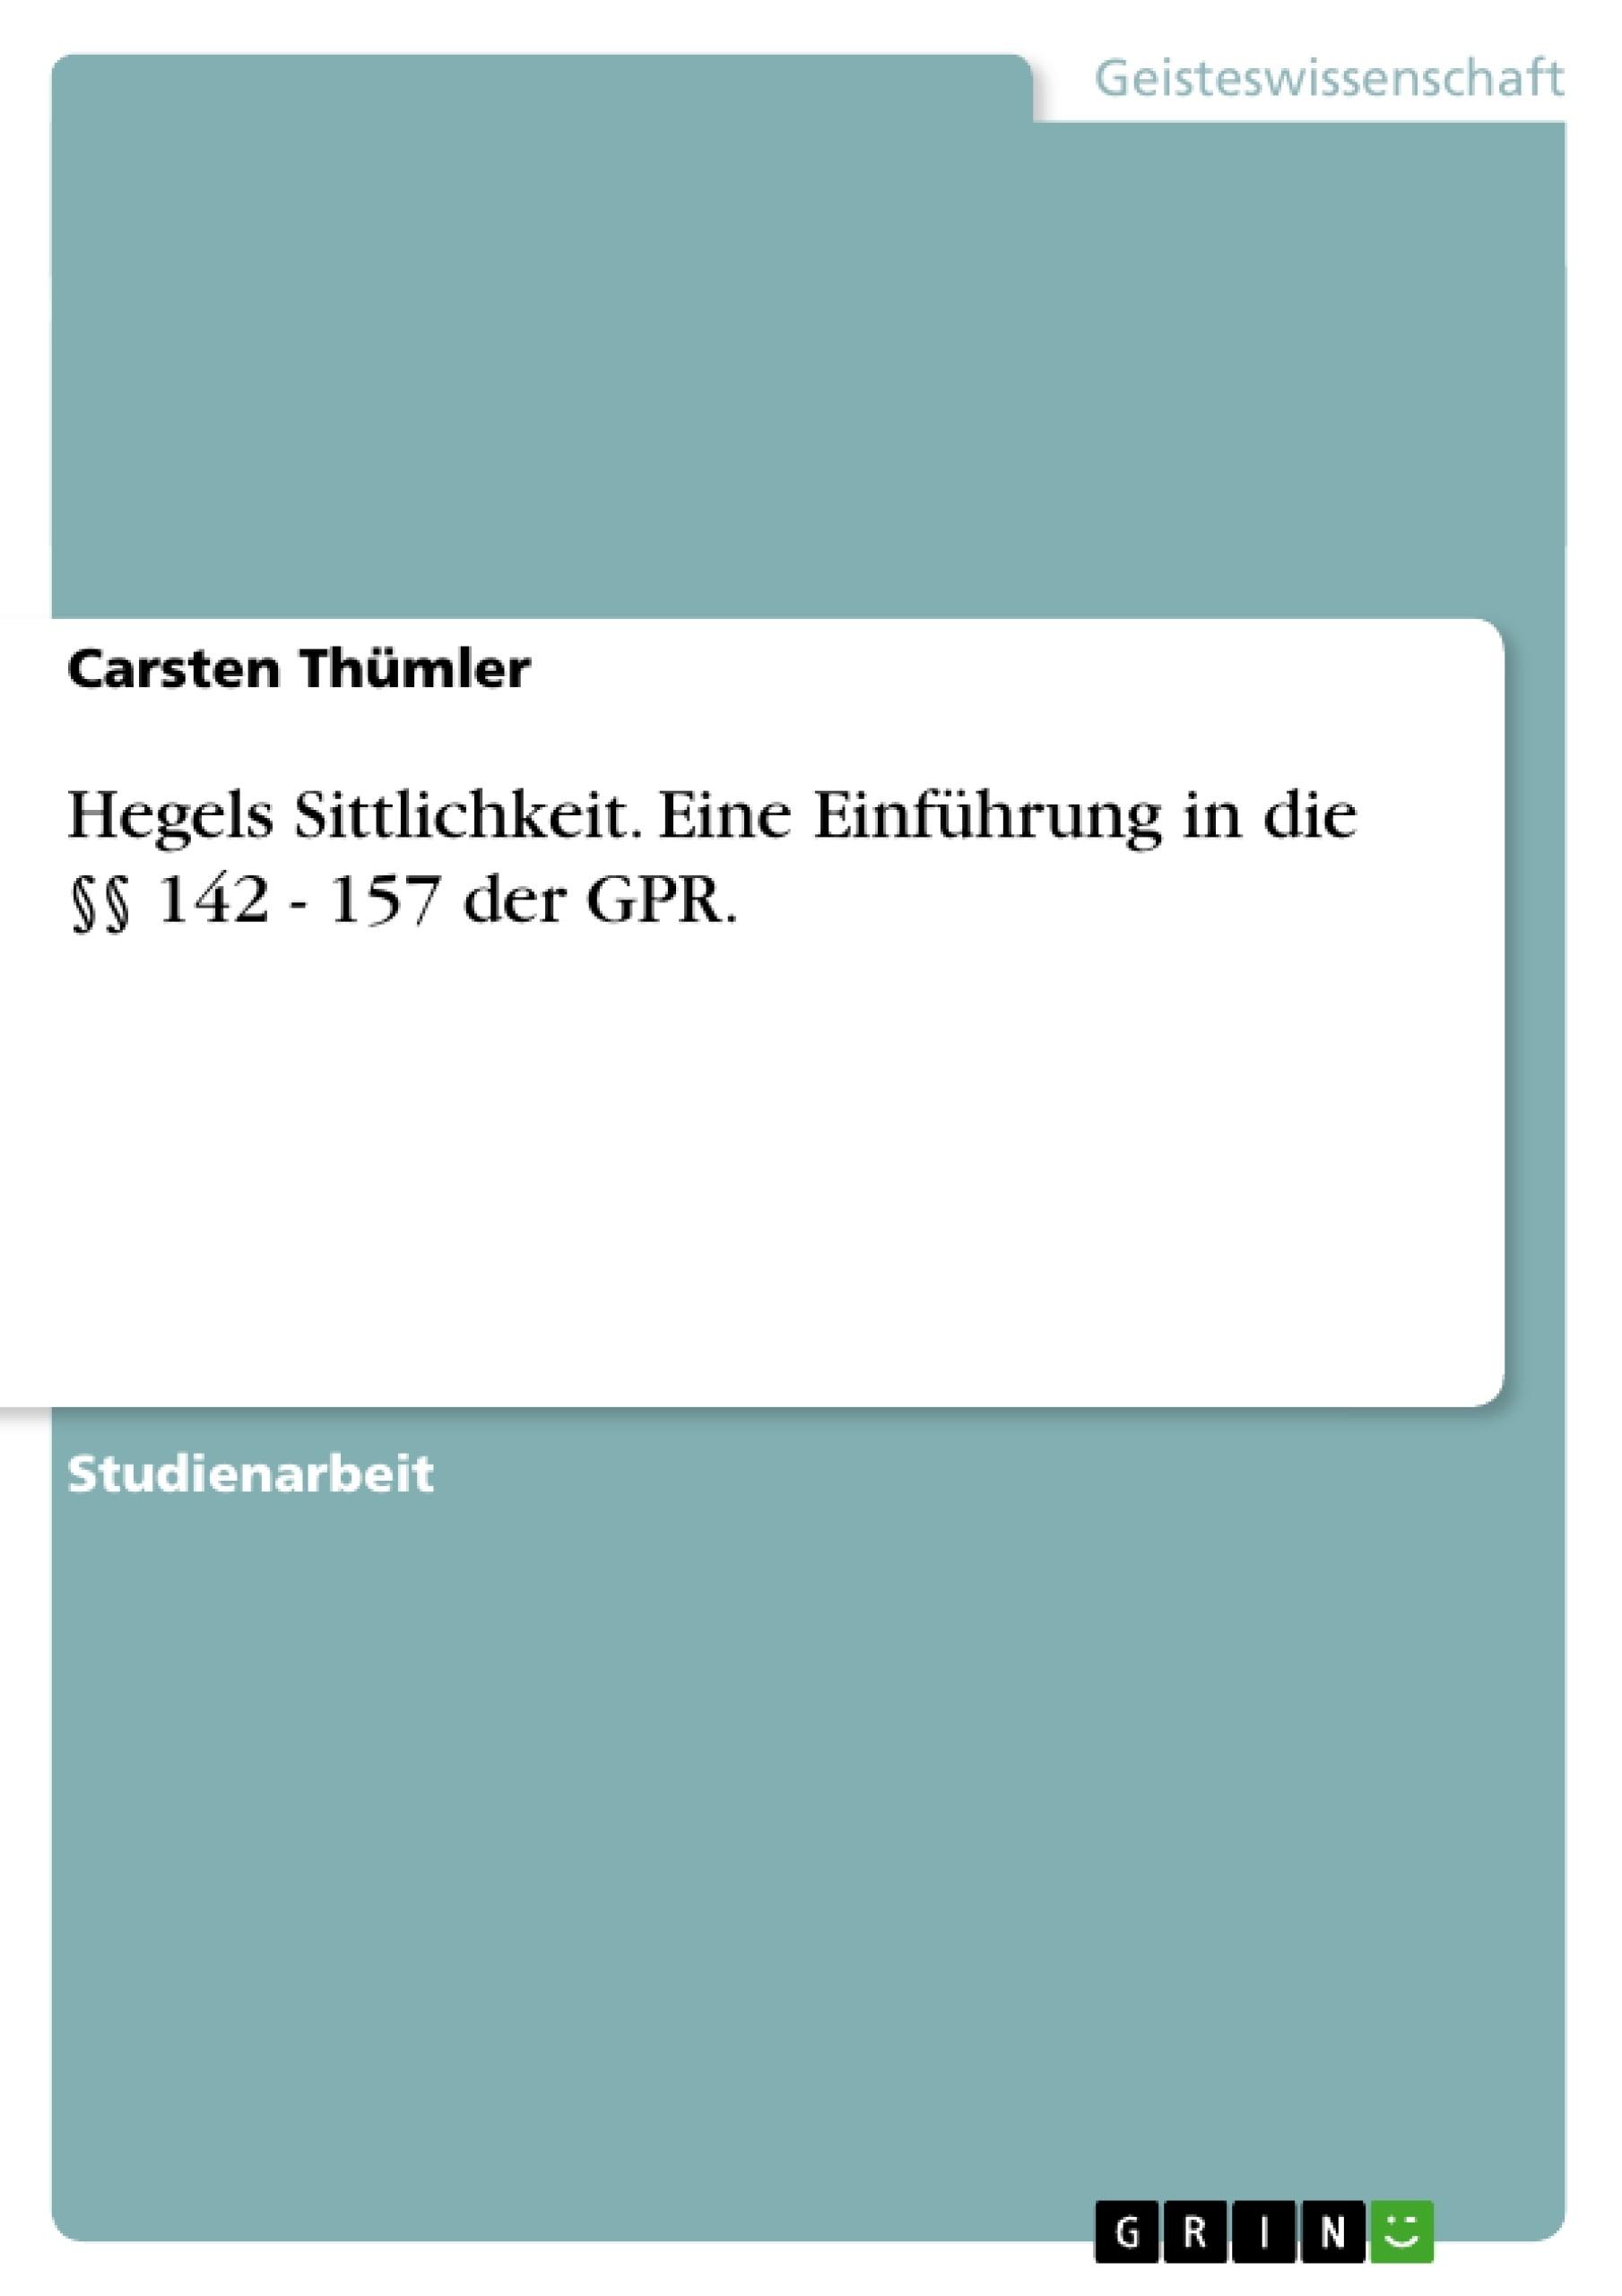 Titel: Hegels Sittlichkeit. Eine Einführung in die §§ 142 - 157 der GPR.